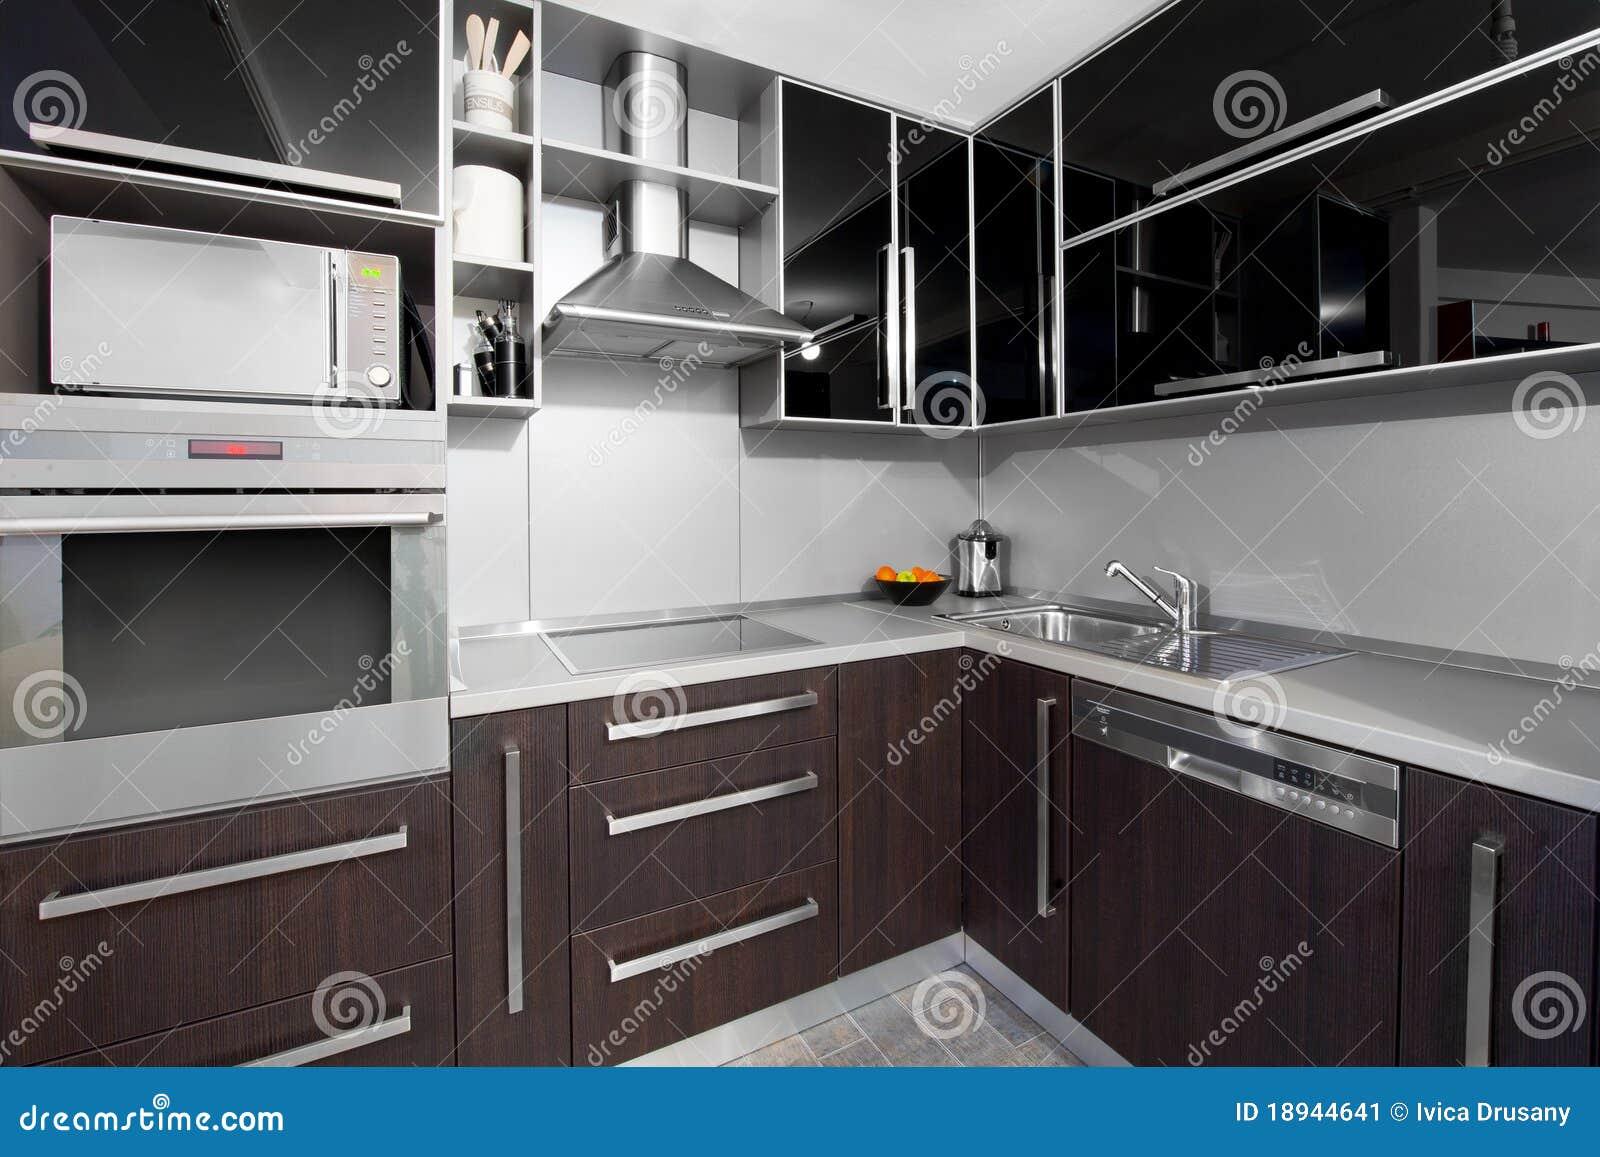 Cucina Moderna Nei Colori Del Wenge E Del Nero Immagine ...